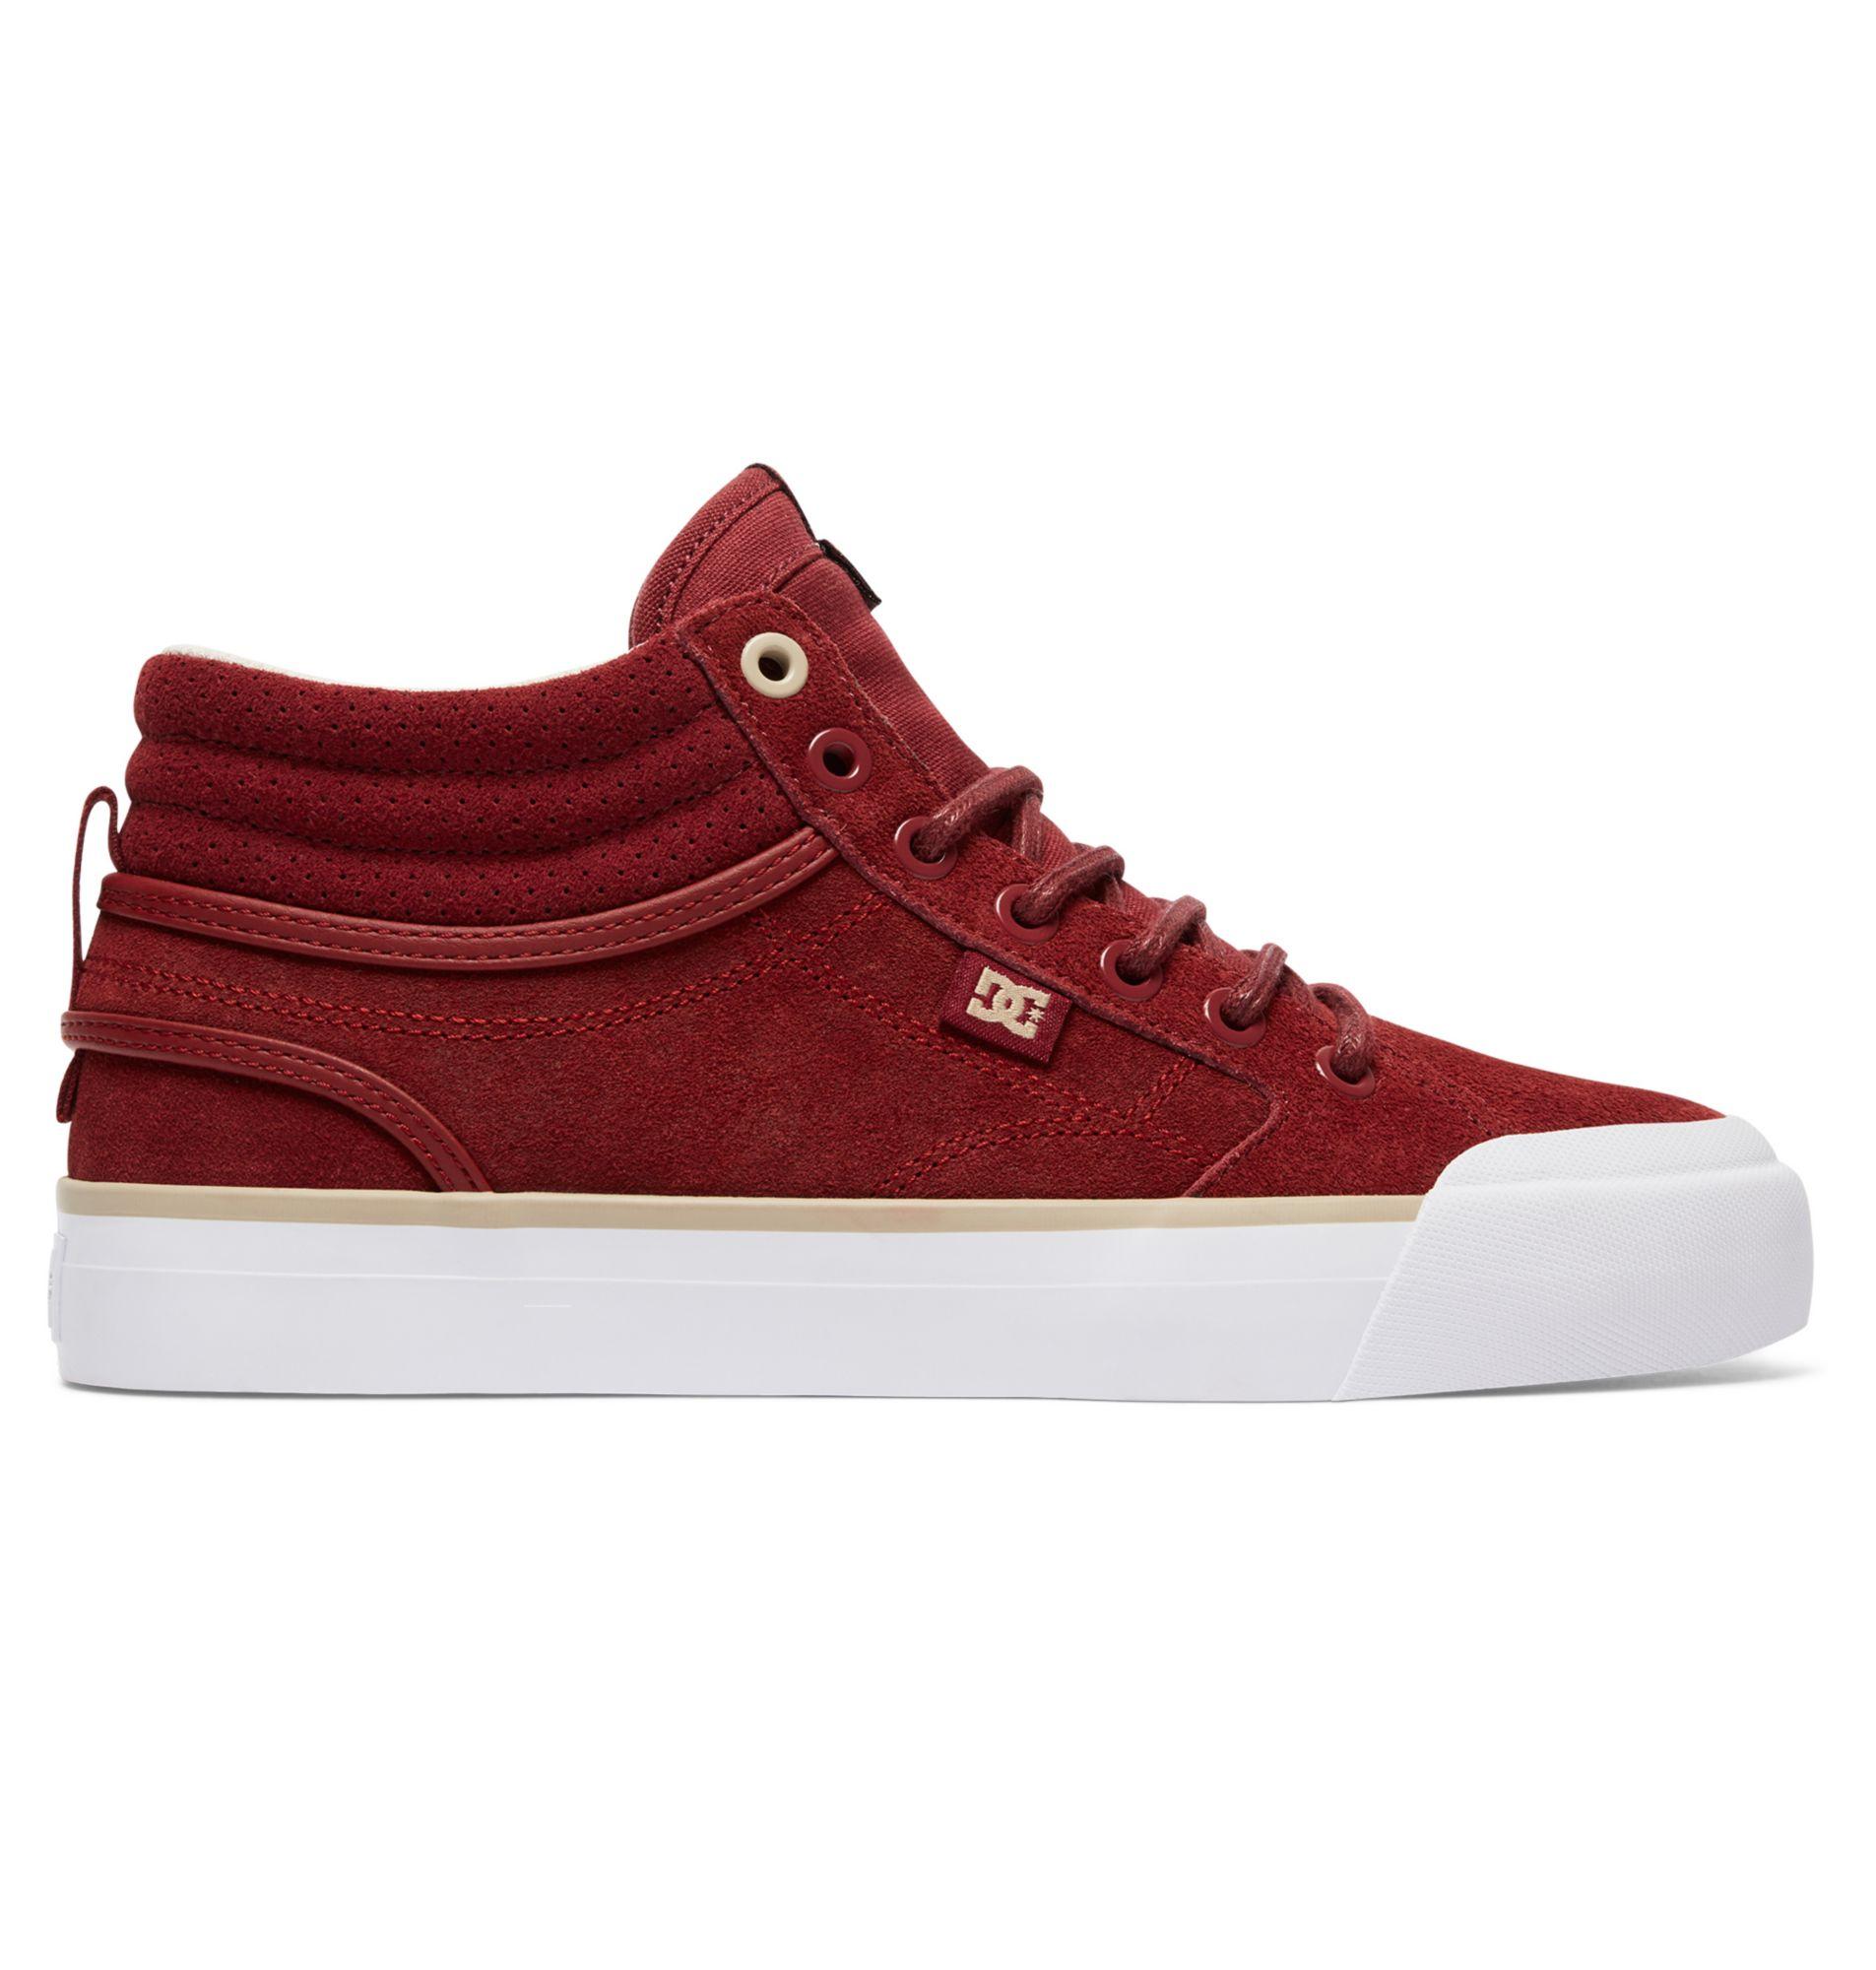 DC SHOES DC Shoes High Top Schuhe »Evan Hi SE - High Top Schuhe«